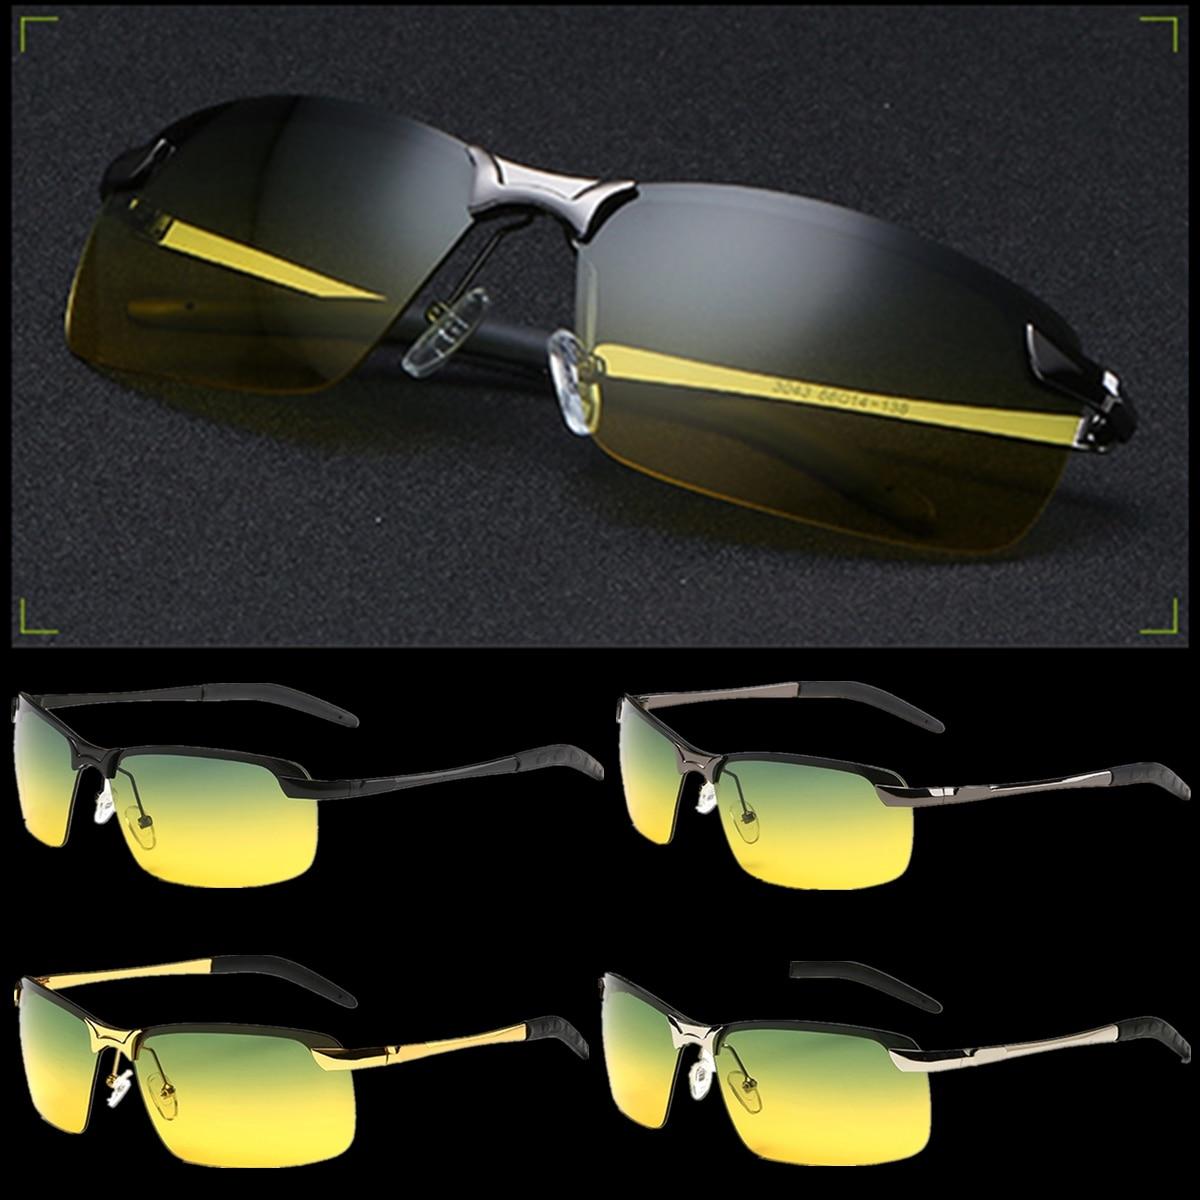 남자 야간 운전 안경 눈부심 방지 노란색 선글라스 안경 금속 야간 고글 보호 자동차 운전을위한 편광 안경